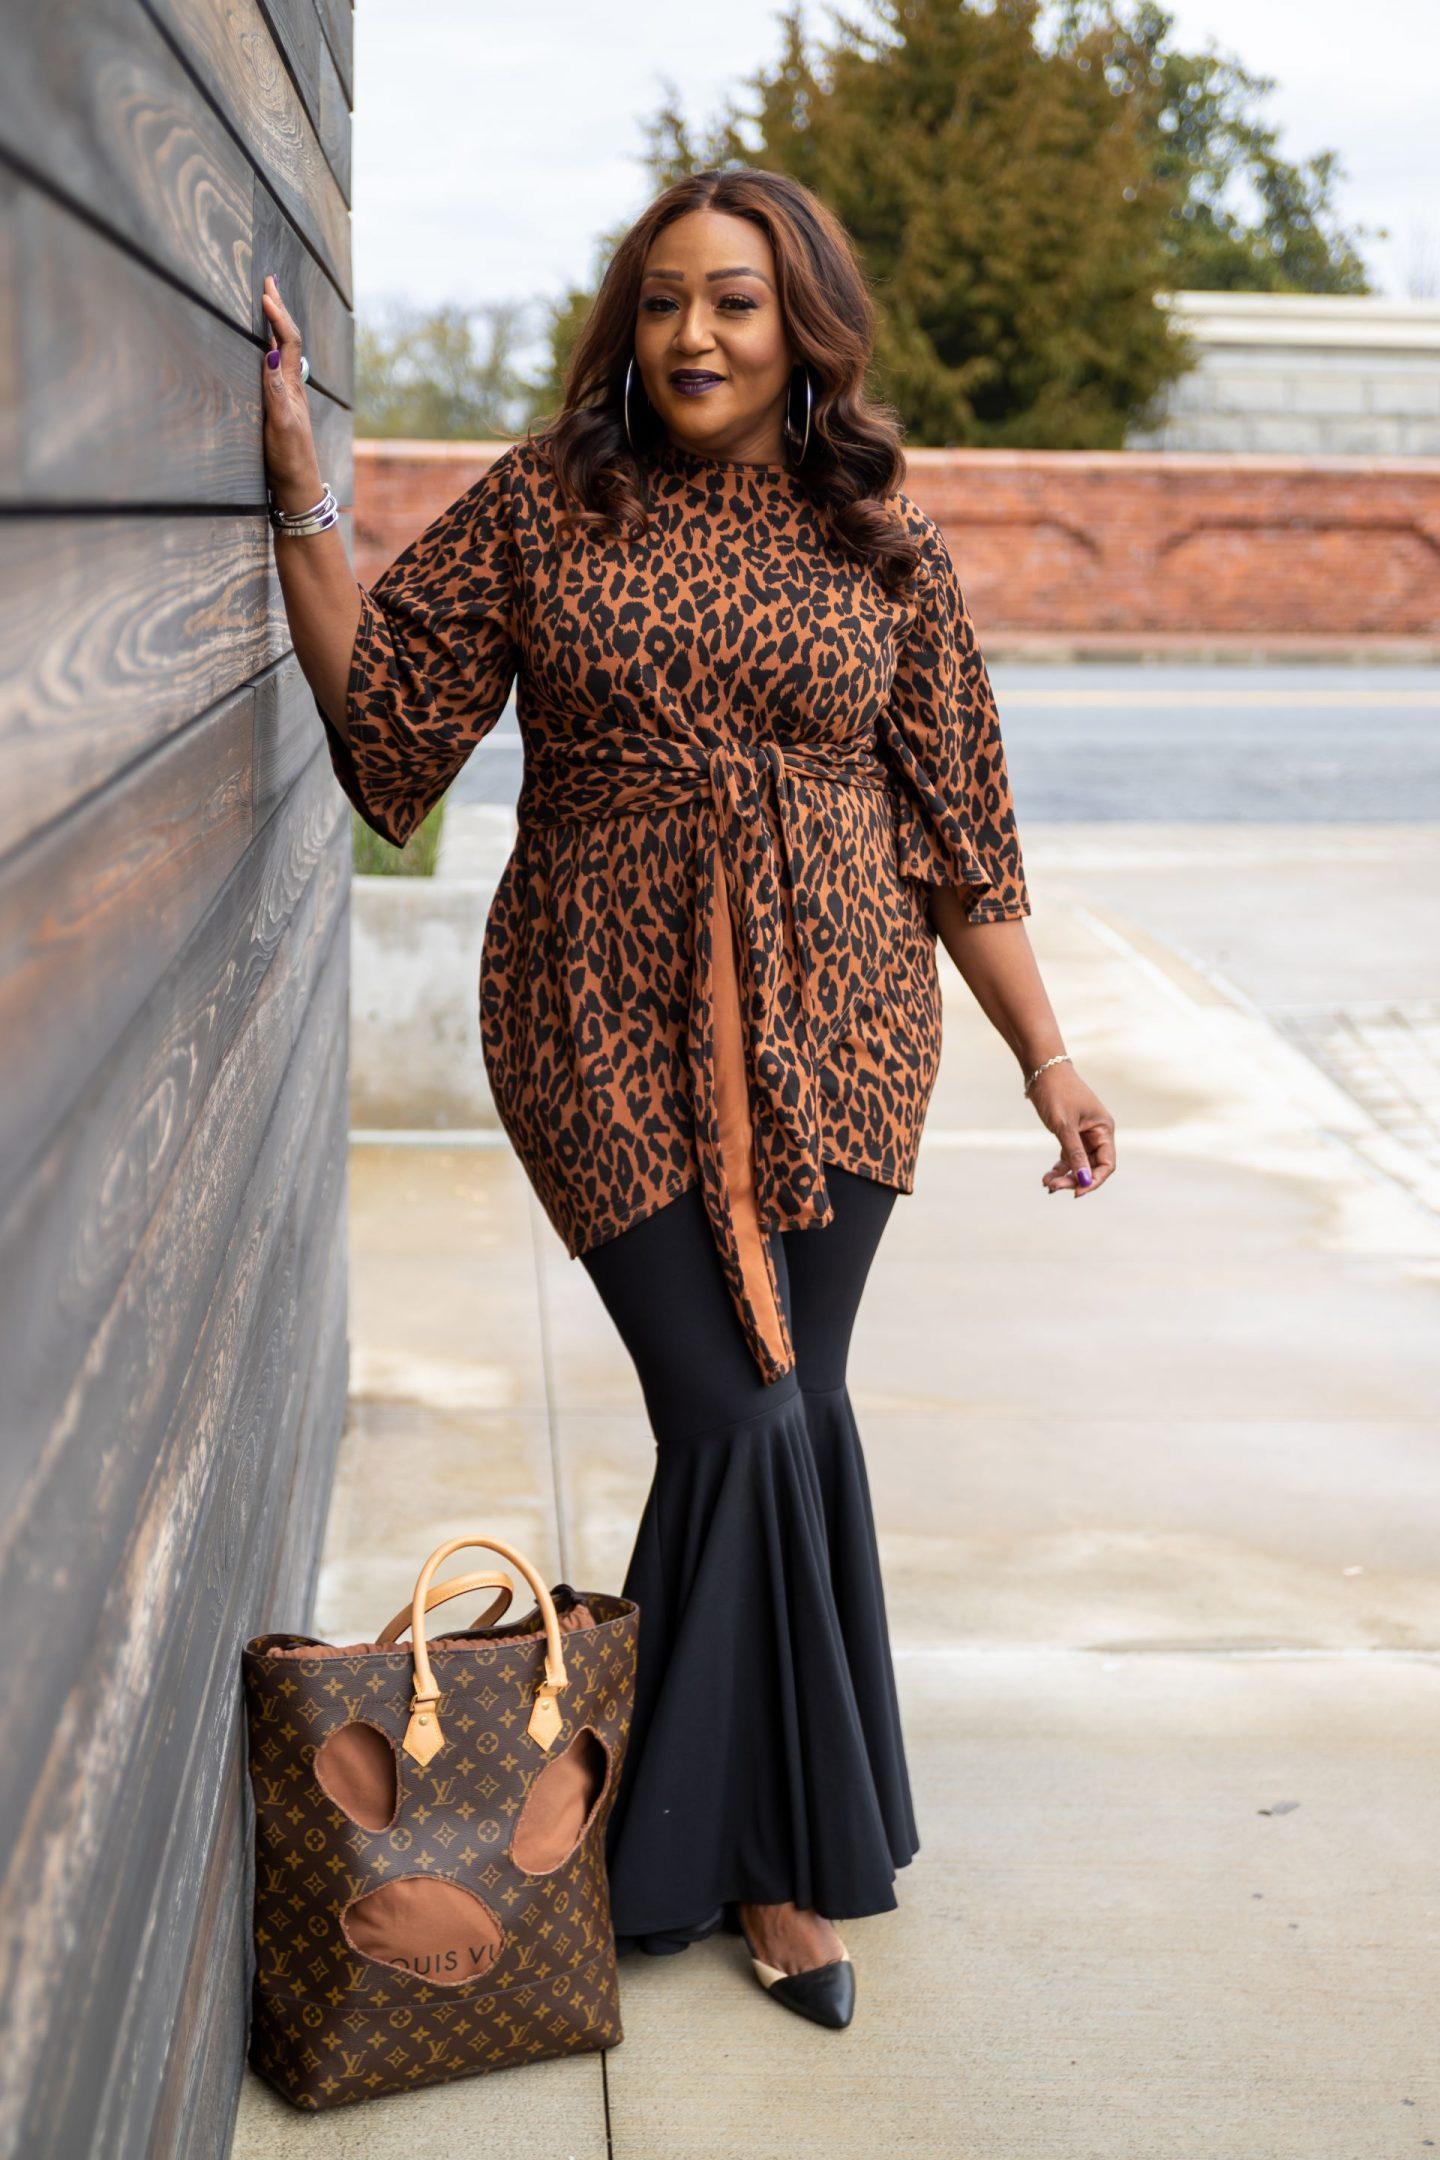 Influencer Nikki Free wearing leopard print top over Wacoal bra